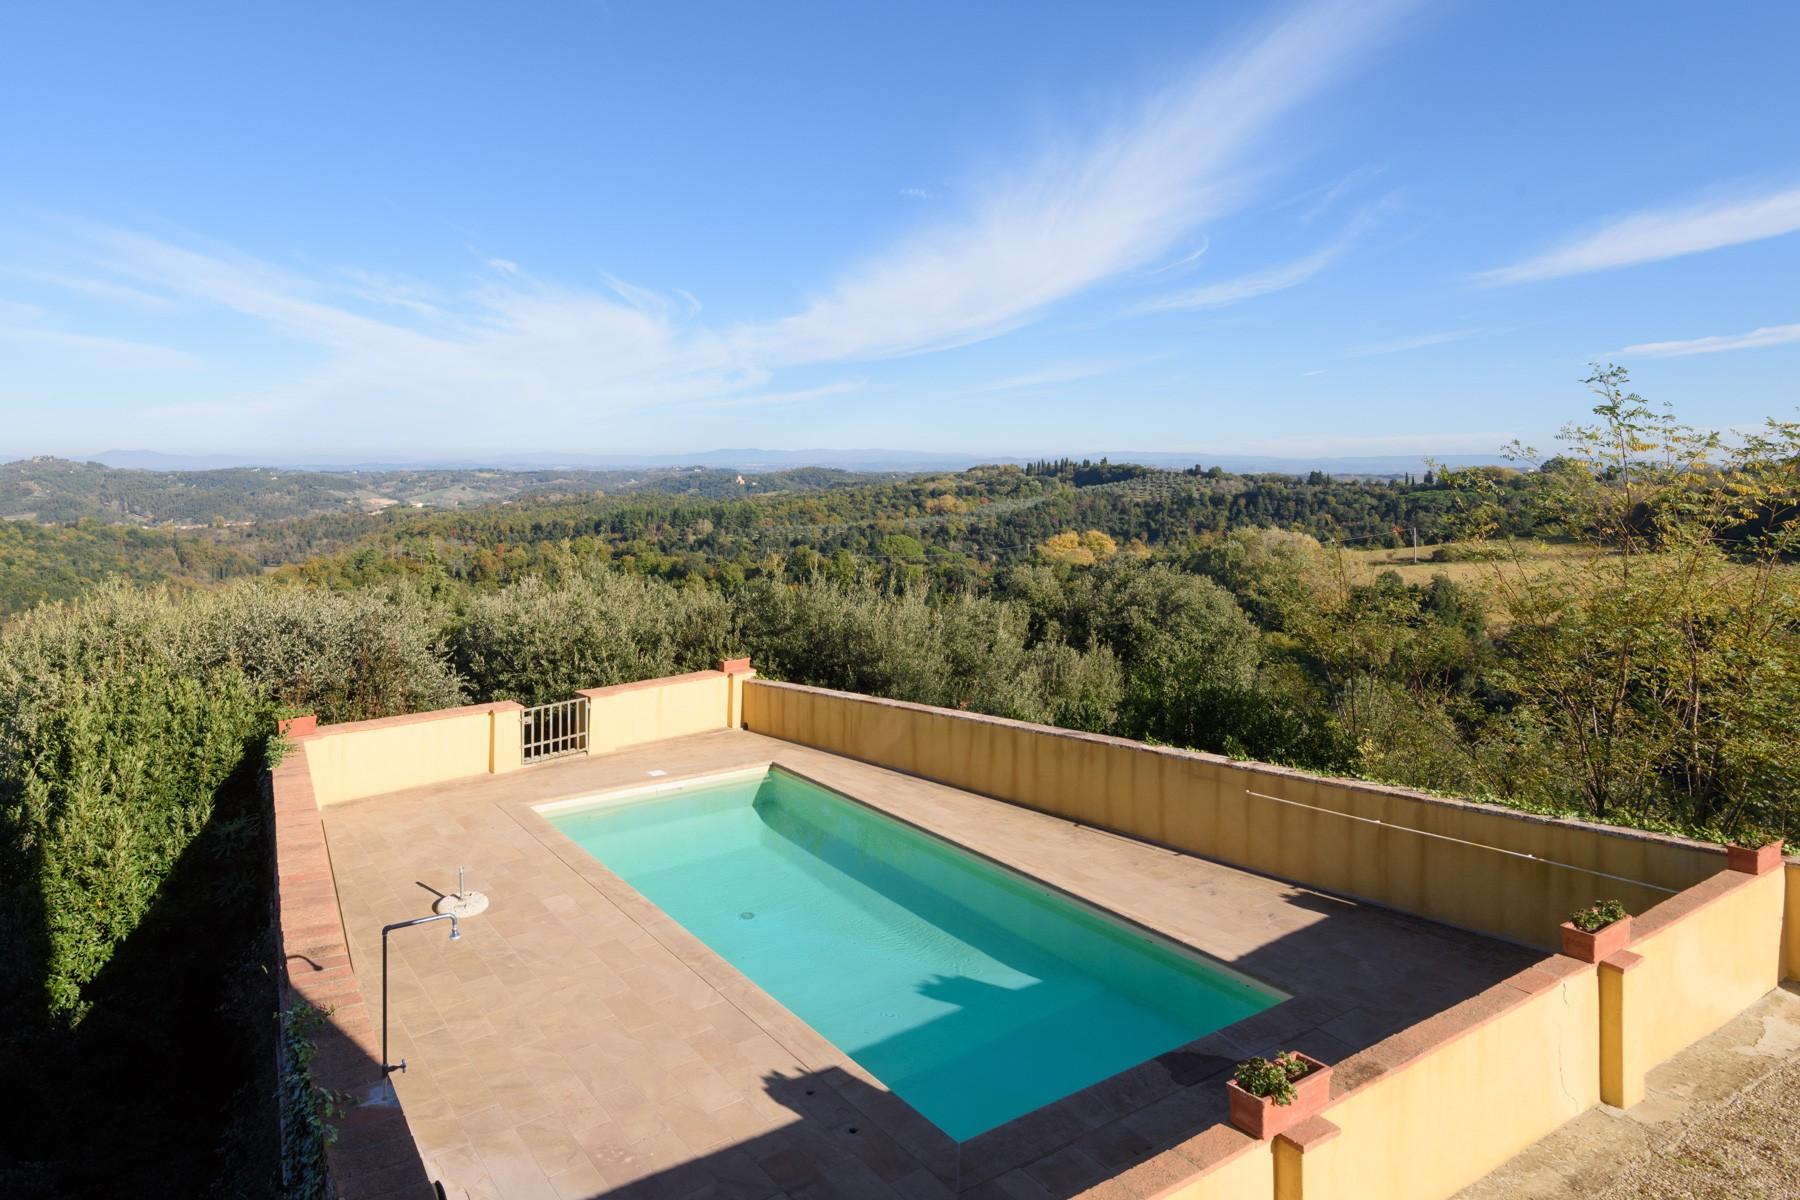 Villa in Vendita a Montaione: 5 locali, 15655 mq - Foto 24